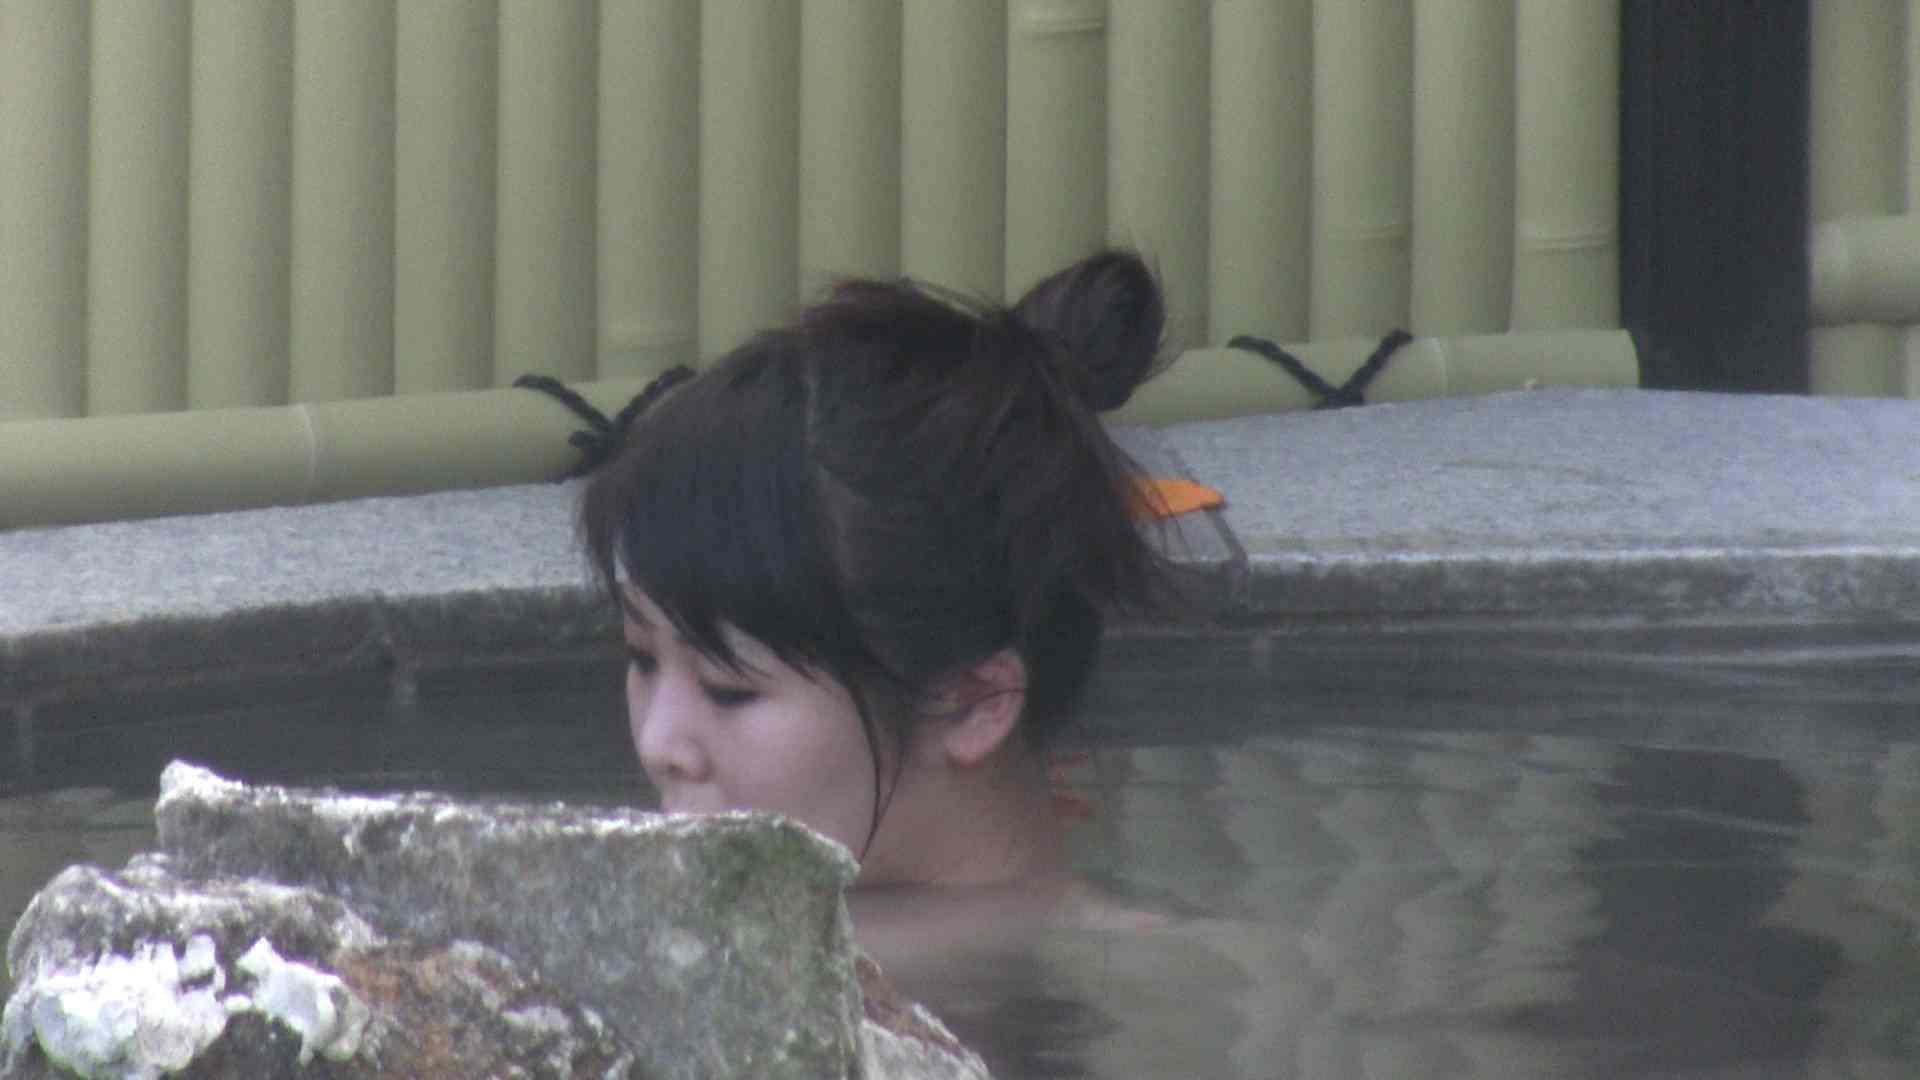 Aquaな露天風呂Vol.118 0  84pic 46